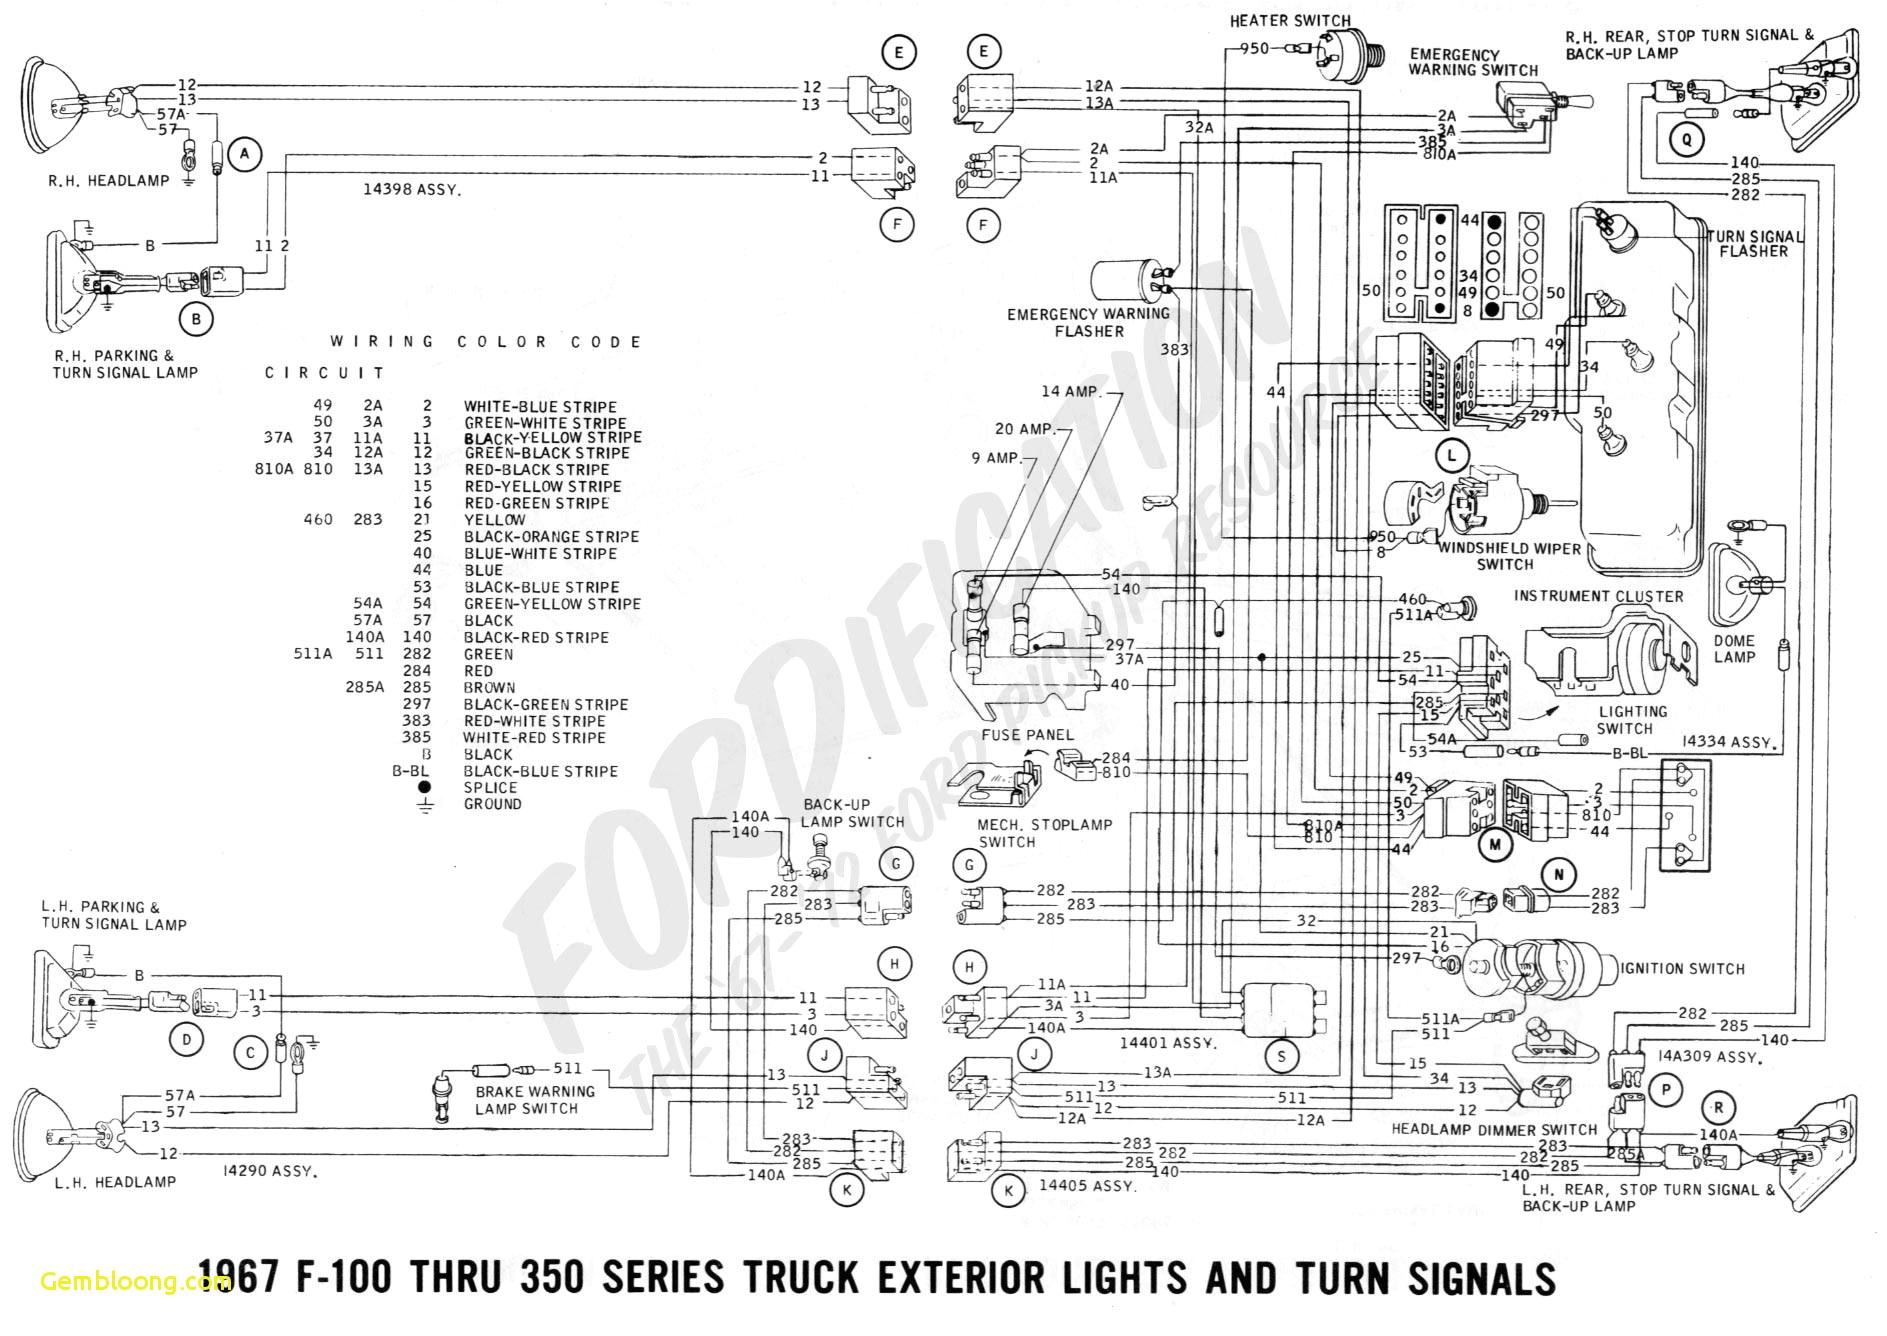 Ve Wiring Diagram ford Wiring Diagram 40 Wiring Diagram Database